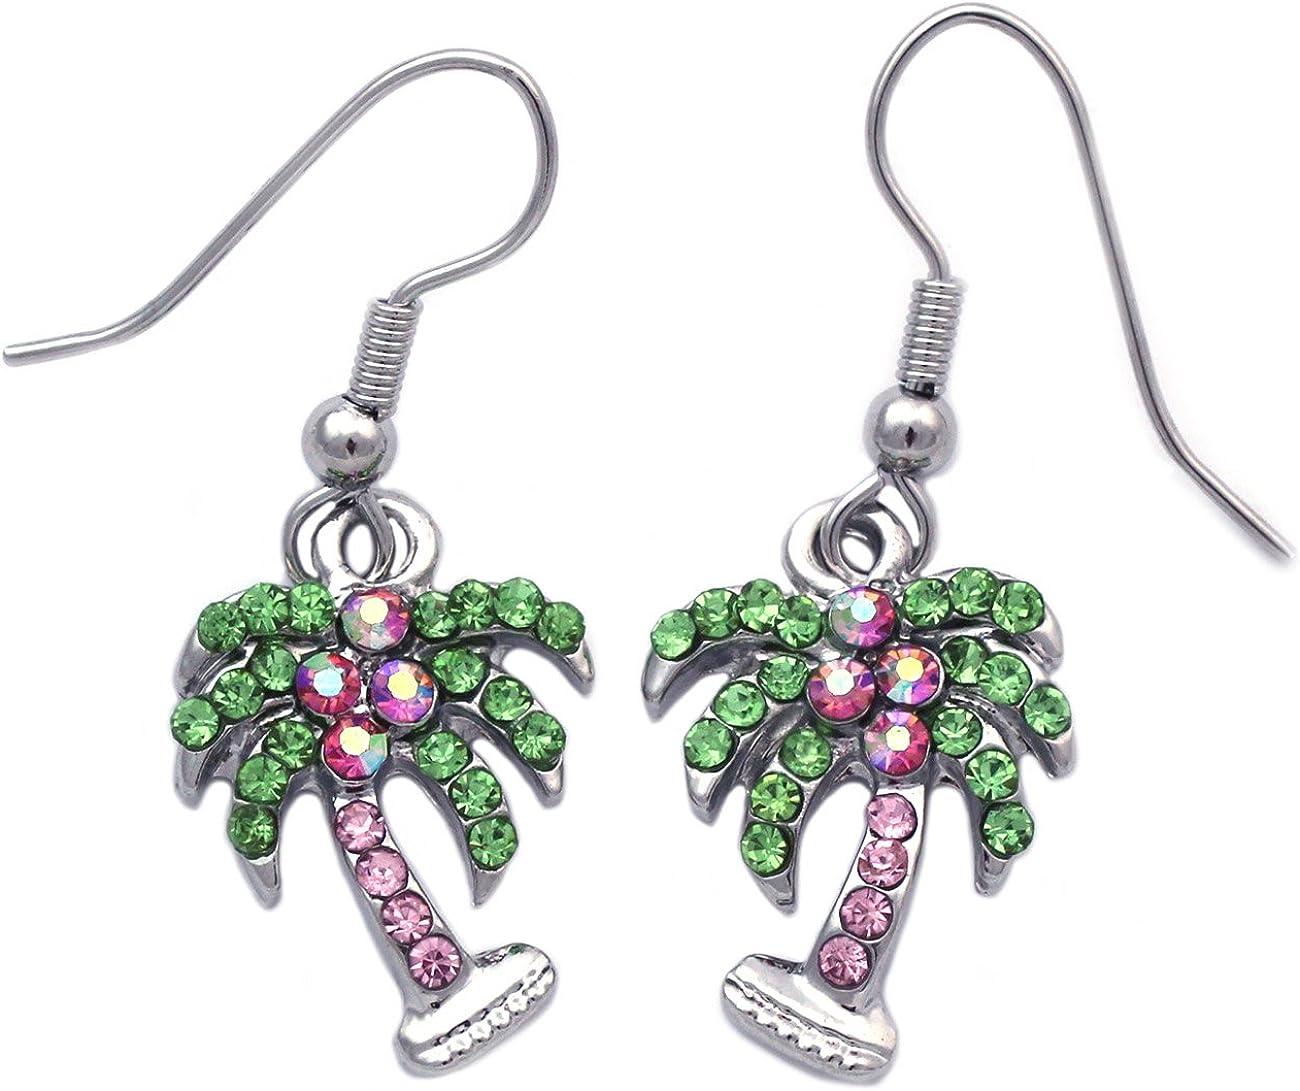 cocojewelry Green Palm Tree Charm Dangle Drop Hook Stud Post Earrings Jewelry